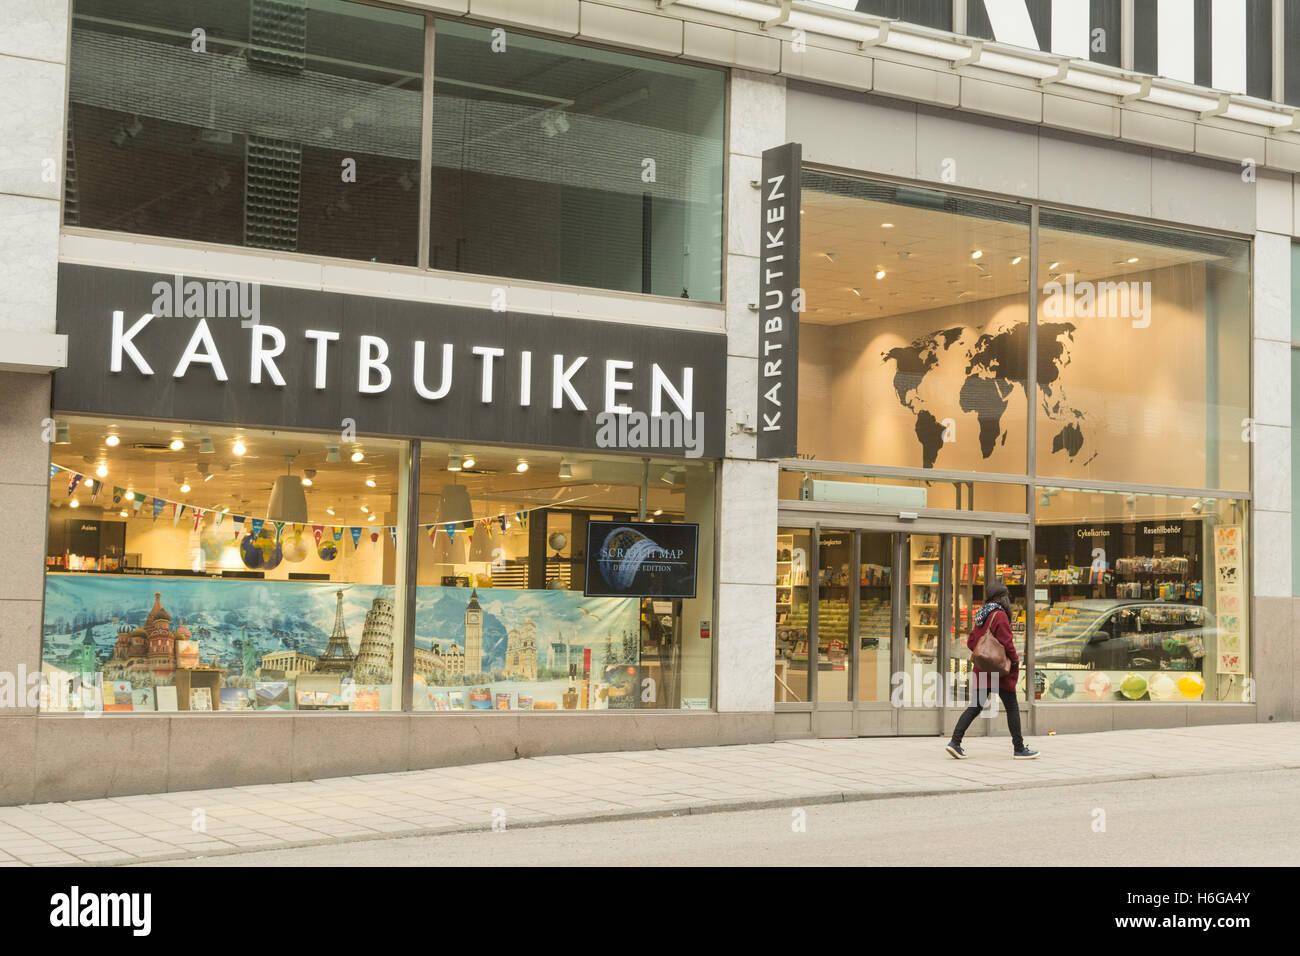 La carte et livre de voyage store Kartbutiken à Stockholm Photo Stock